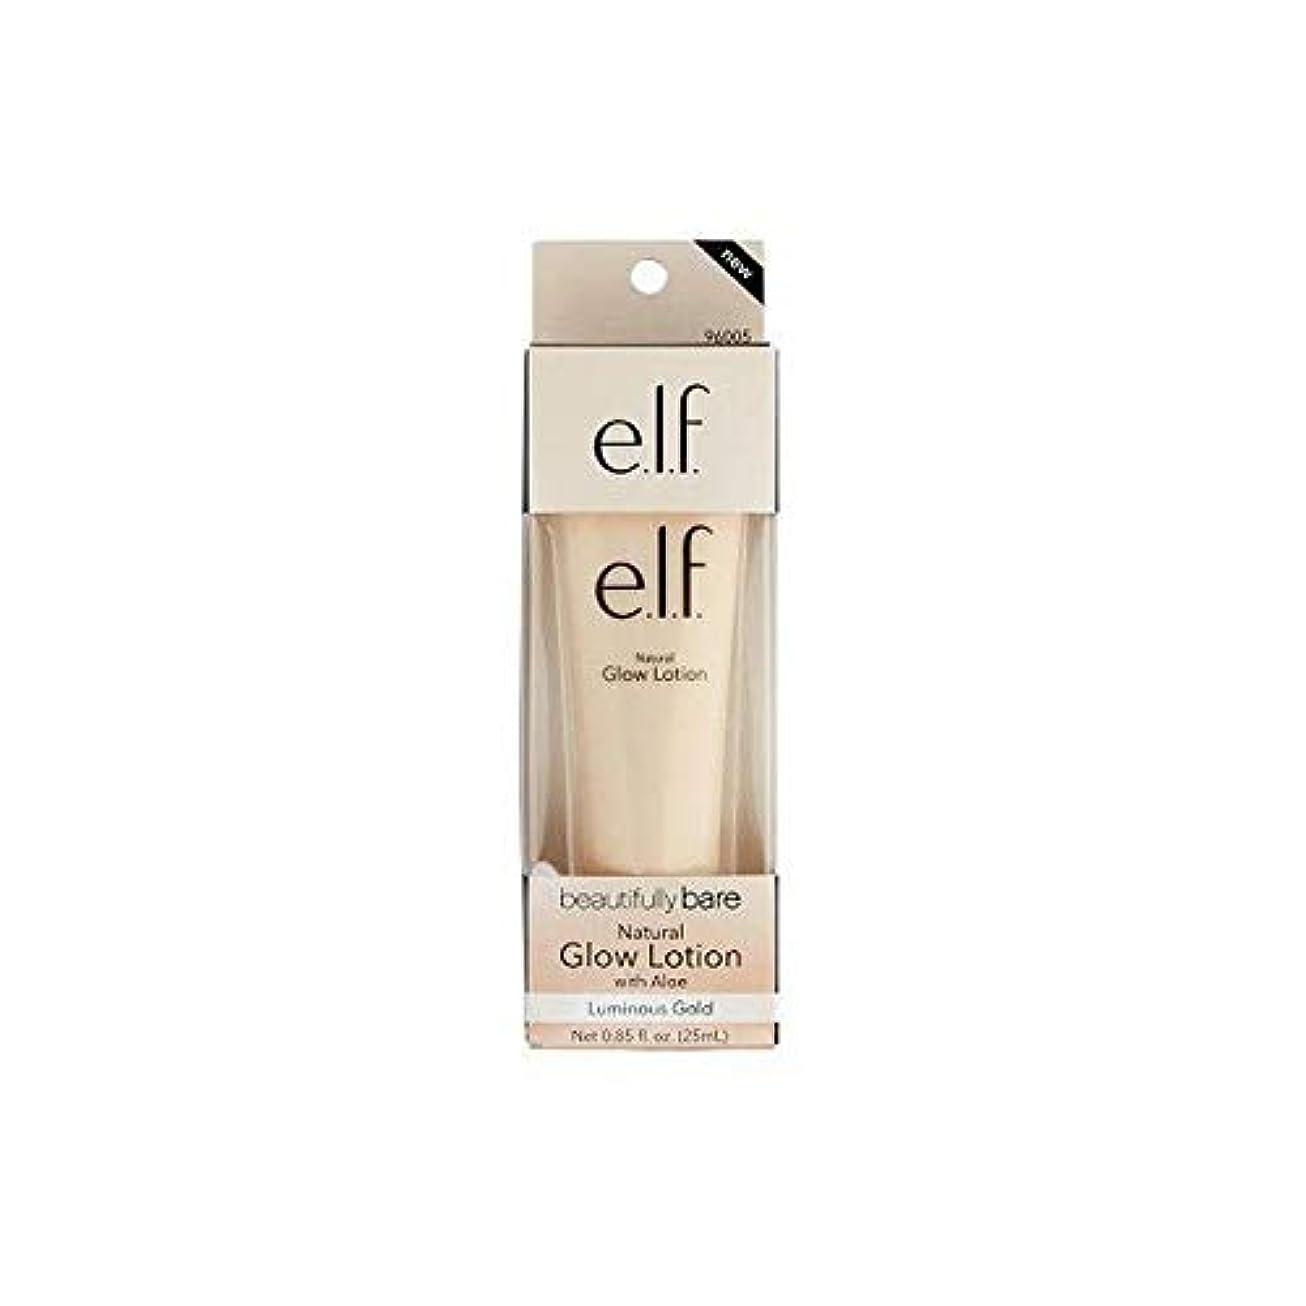 ロゴ目的有益[Elf ] エルフ。美しく裸自然グローローション金 - e.l.f. Beautifully Bare Natural Glow Lotion gold [並行輸入品]